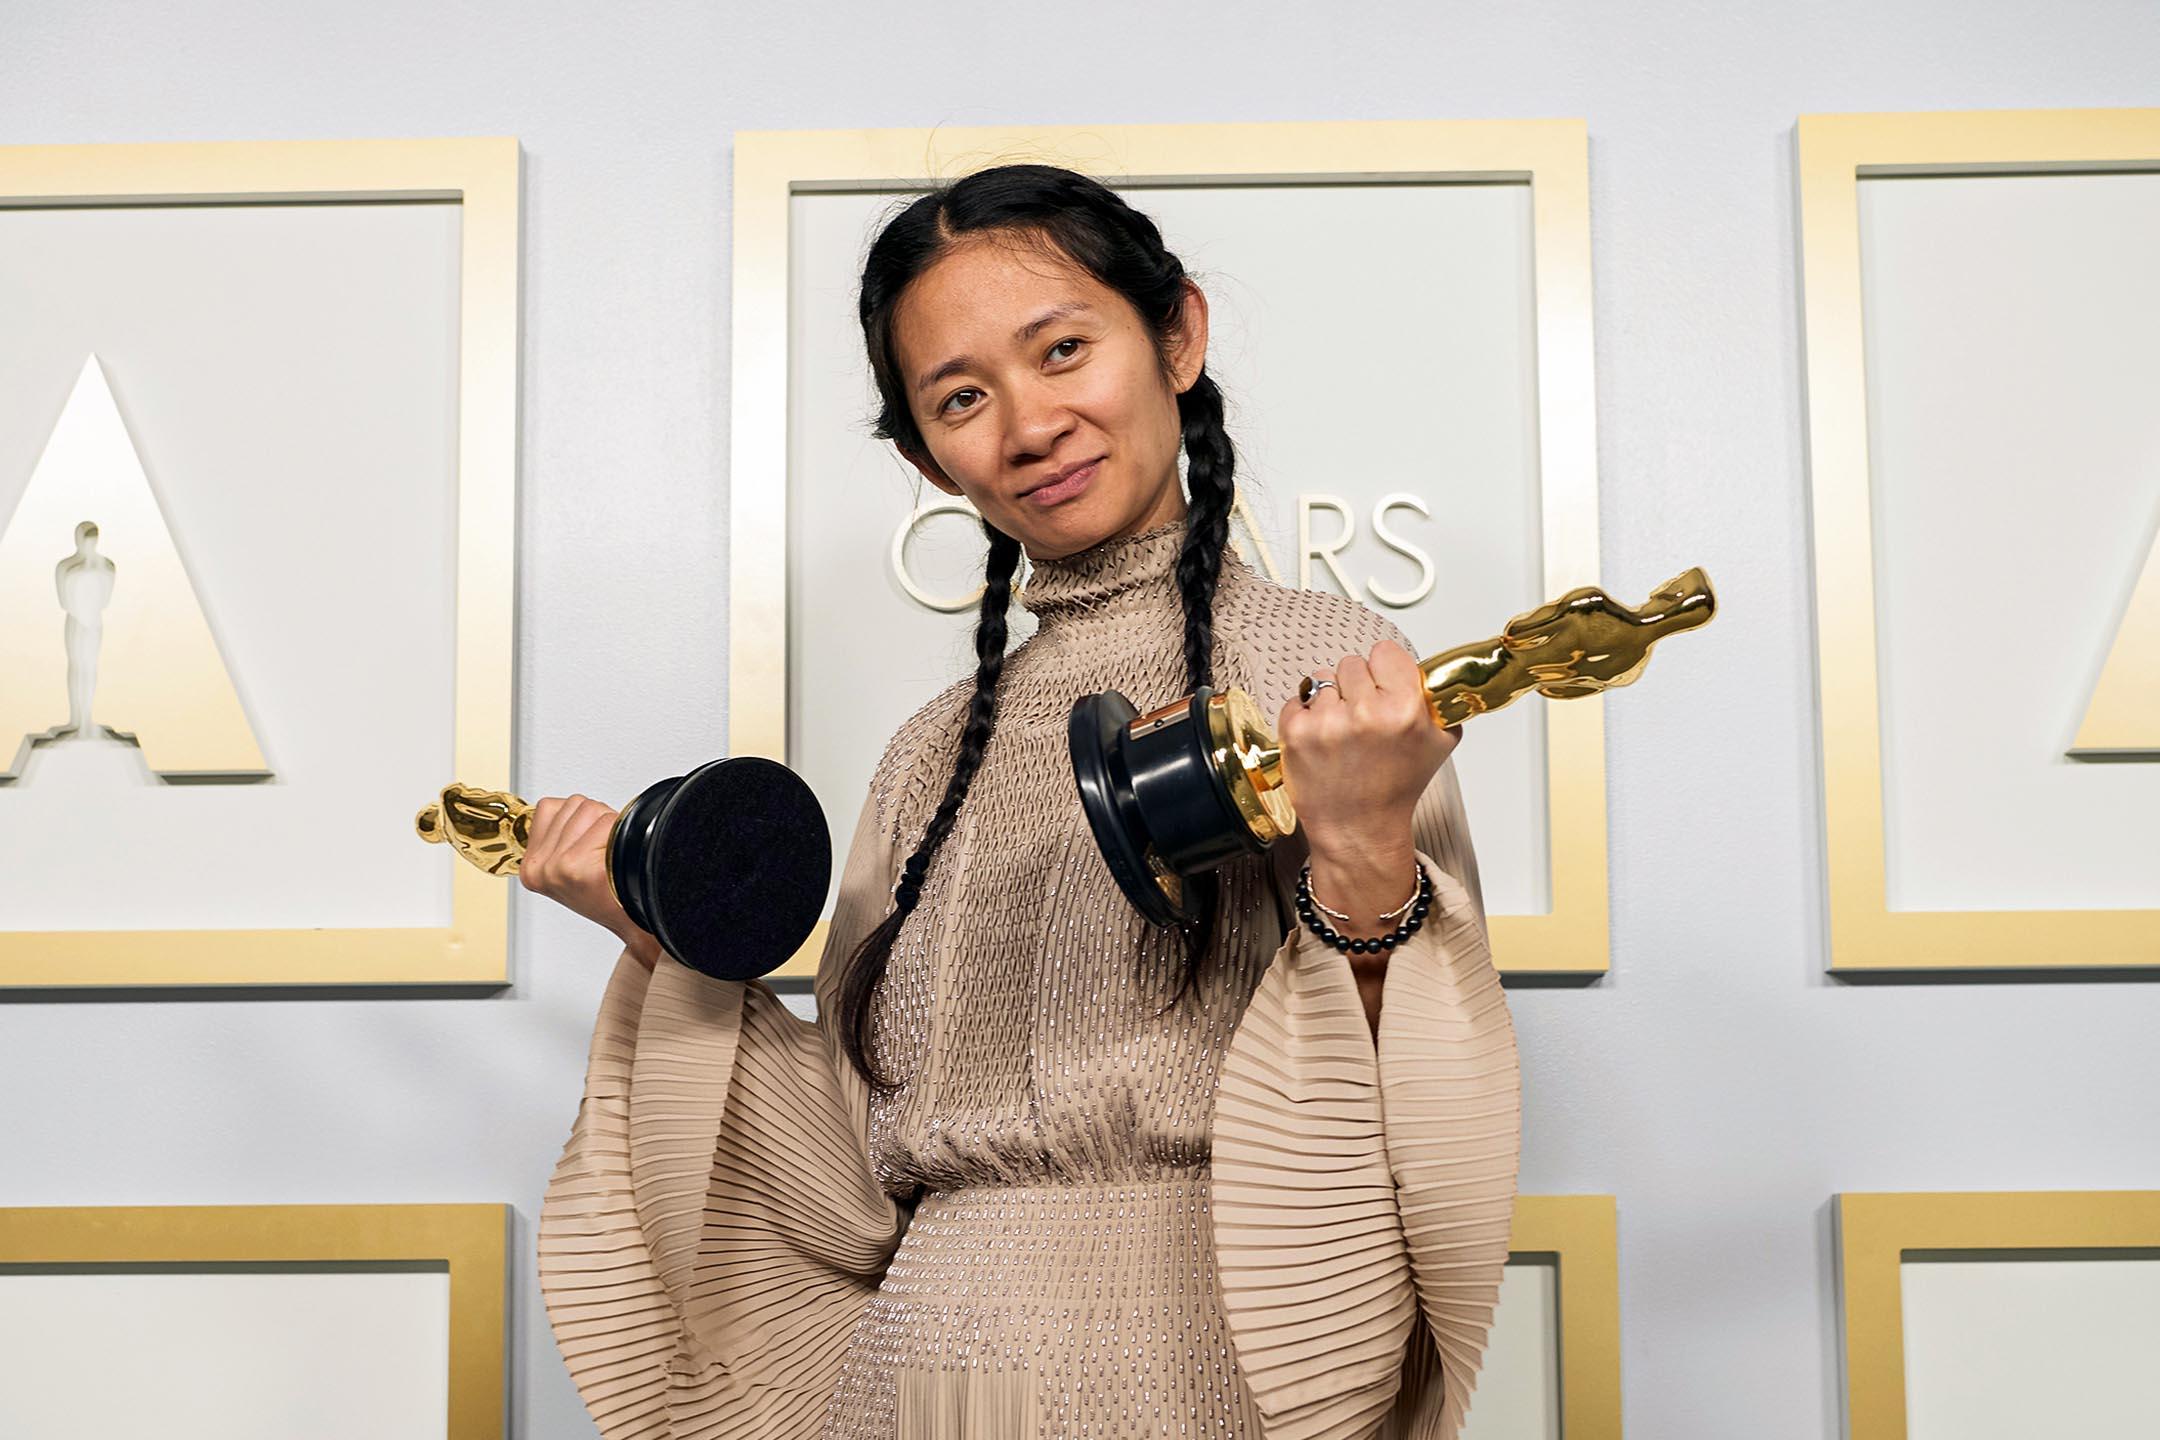 2021年4月25日洛杉磯,趙婷憑《游牧人生》獲奧斯卡最佳影片、最佳導演奬。 攝:Matt Petit/A.M.P.A.S. via Getty Images